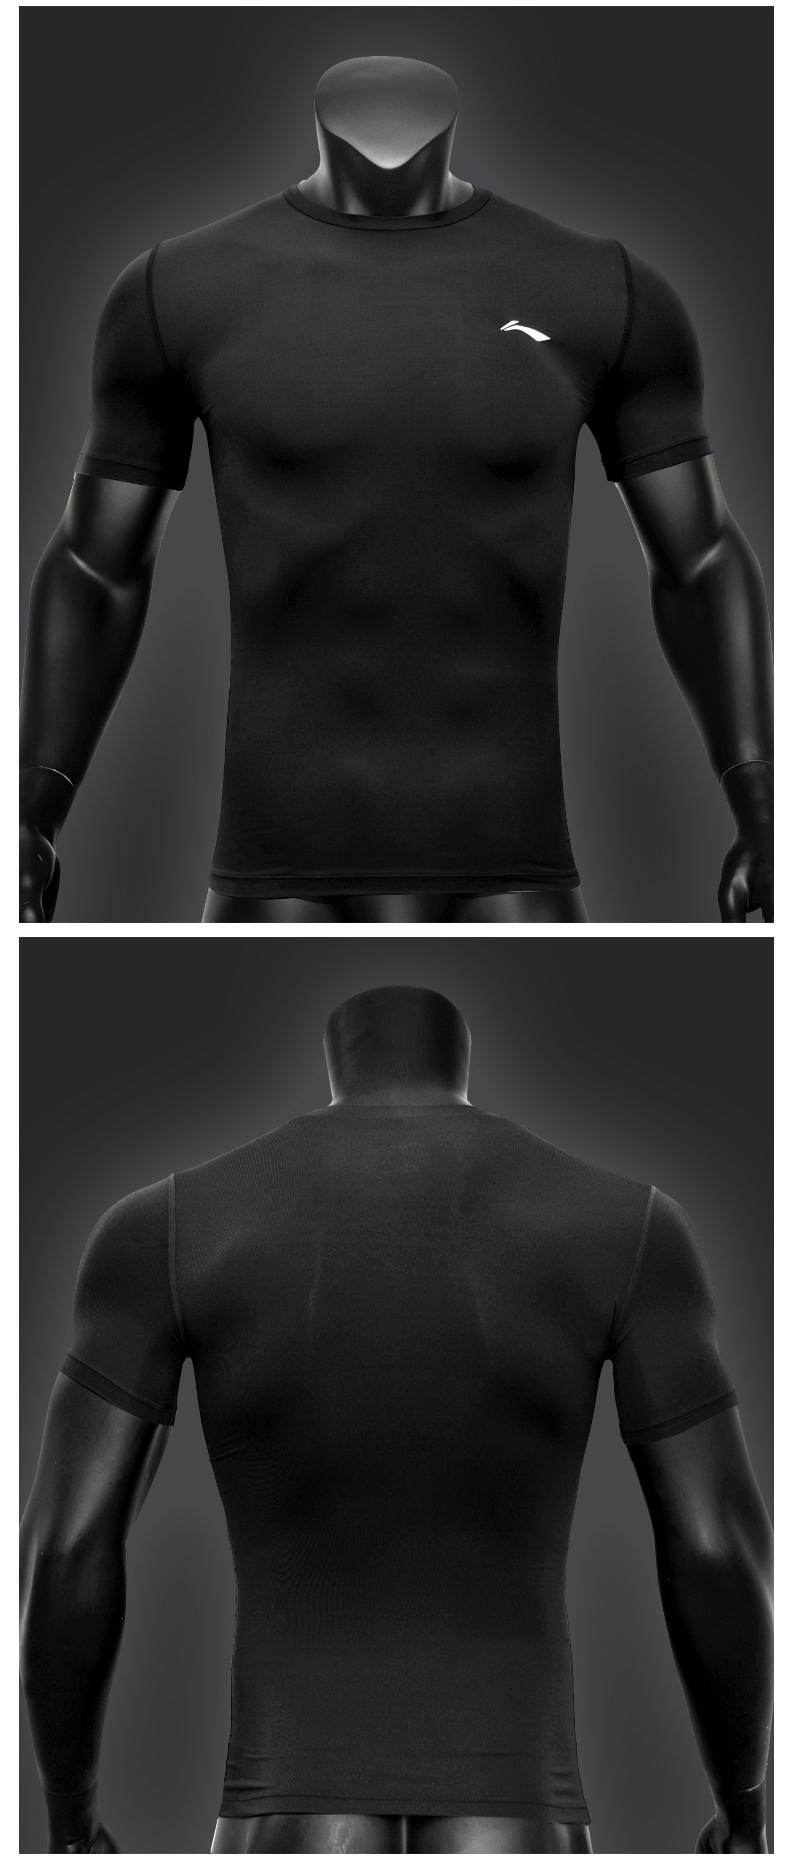 李宁健身套装男篮球运动紧身衣跑步衣服高弹速干衣训练服长袖上衣详细照片